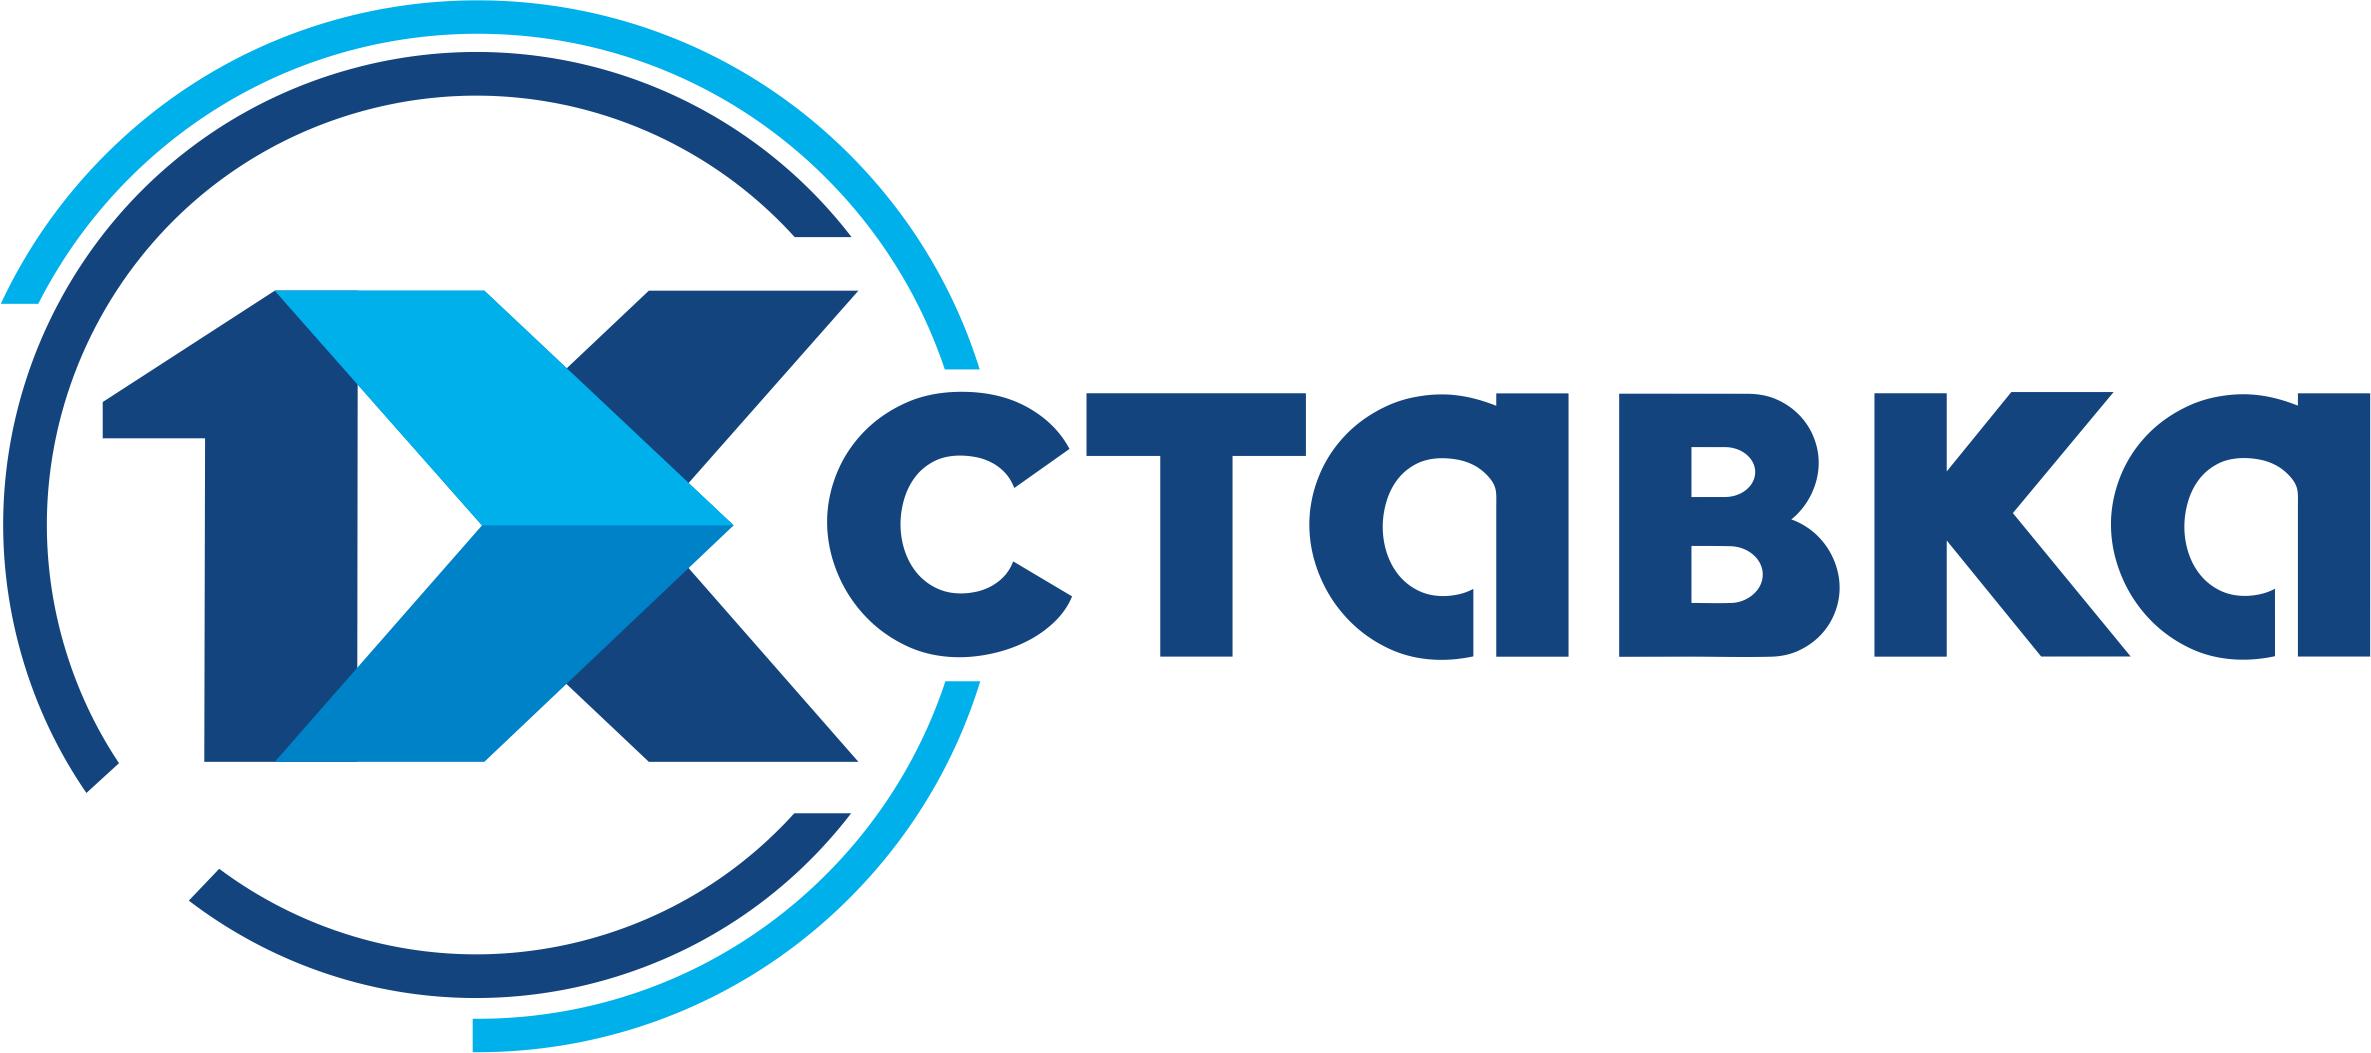 1хСтавка логотип